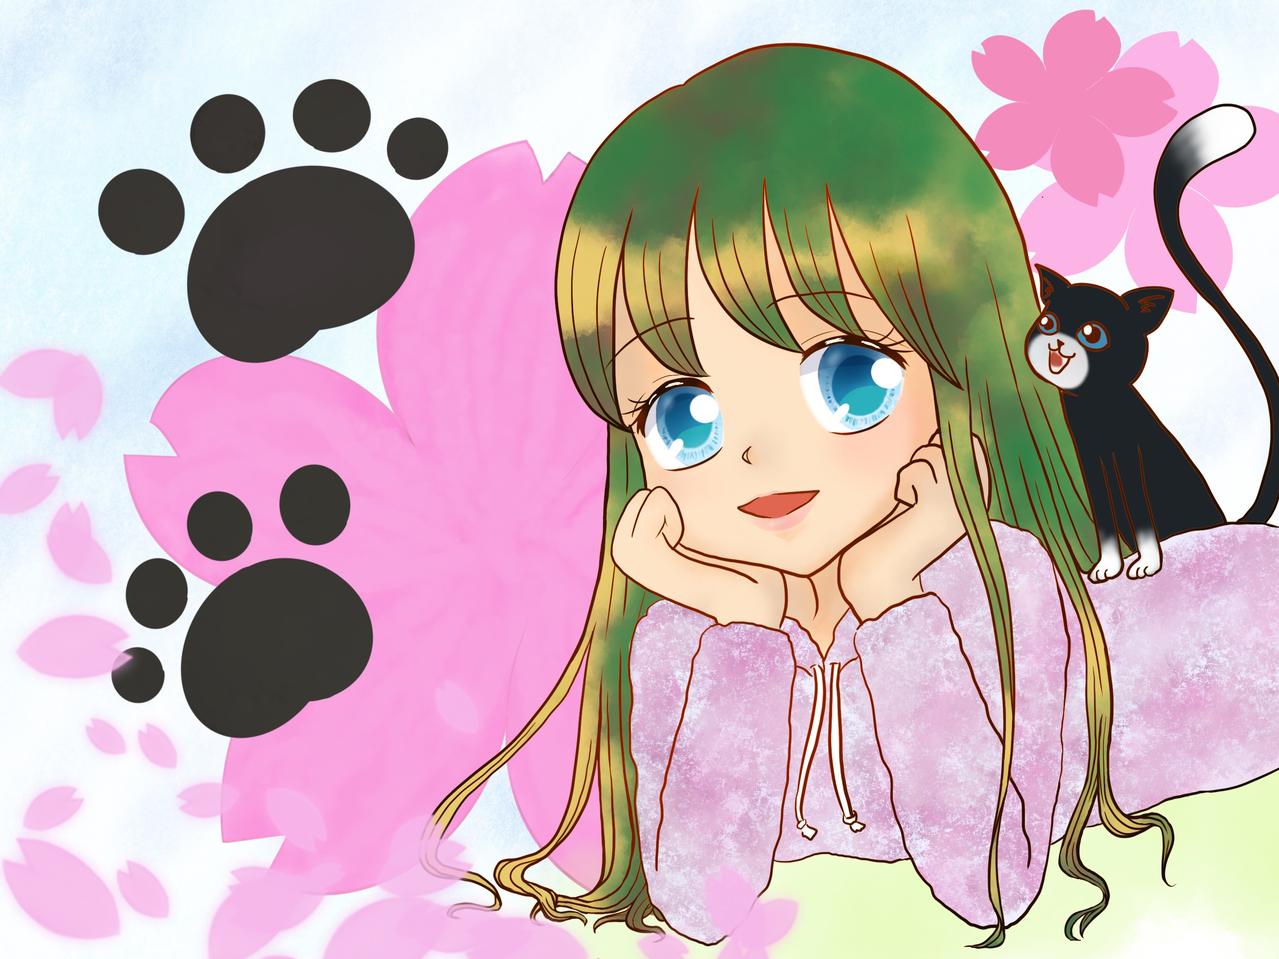 猫と桜と女の子 Illust of chiwo January2021_Contest:OC sakura cat 肉球 春 girl oc